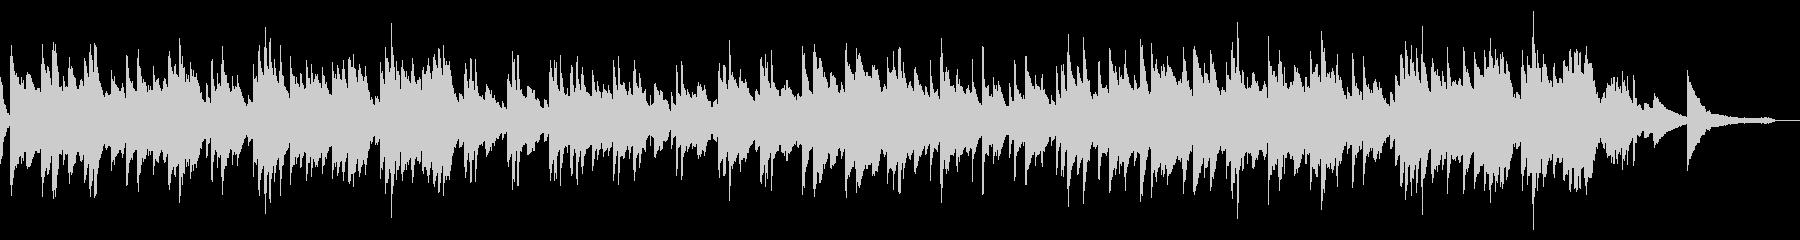 優しく前向きな爽やかピアノソロ(2分)の未再生の波形